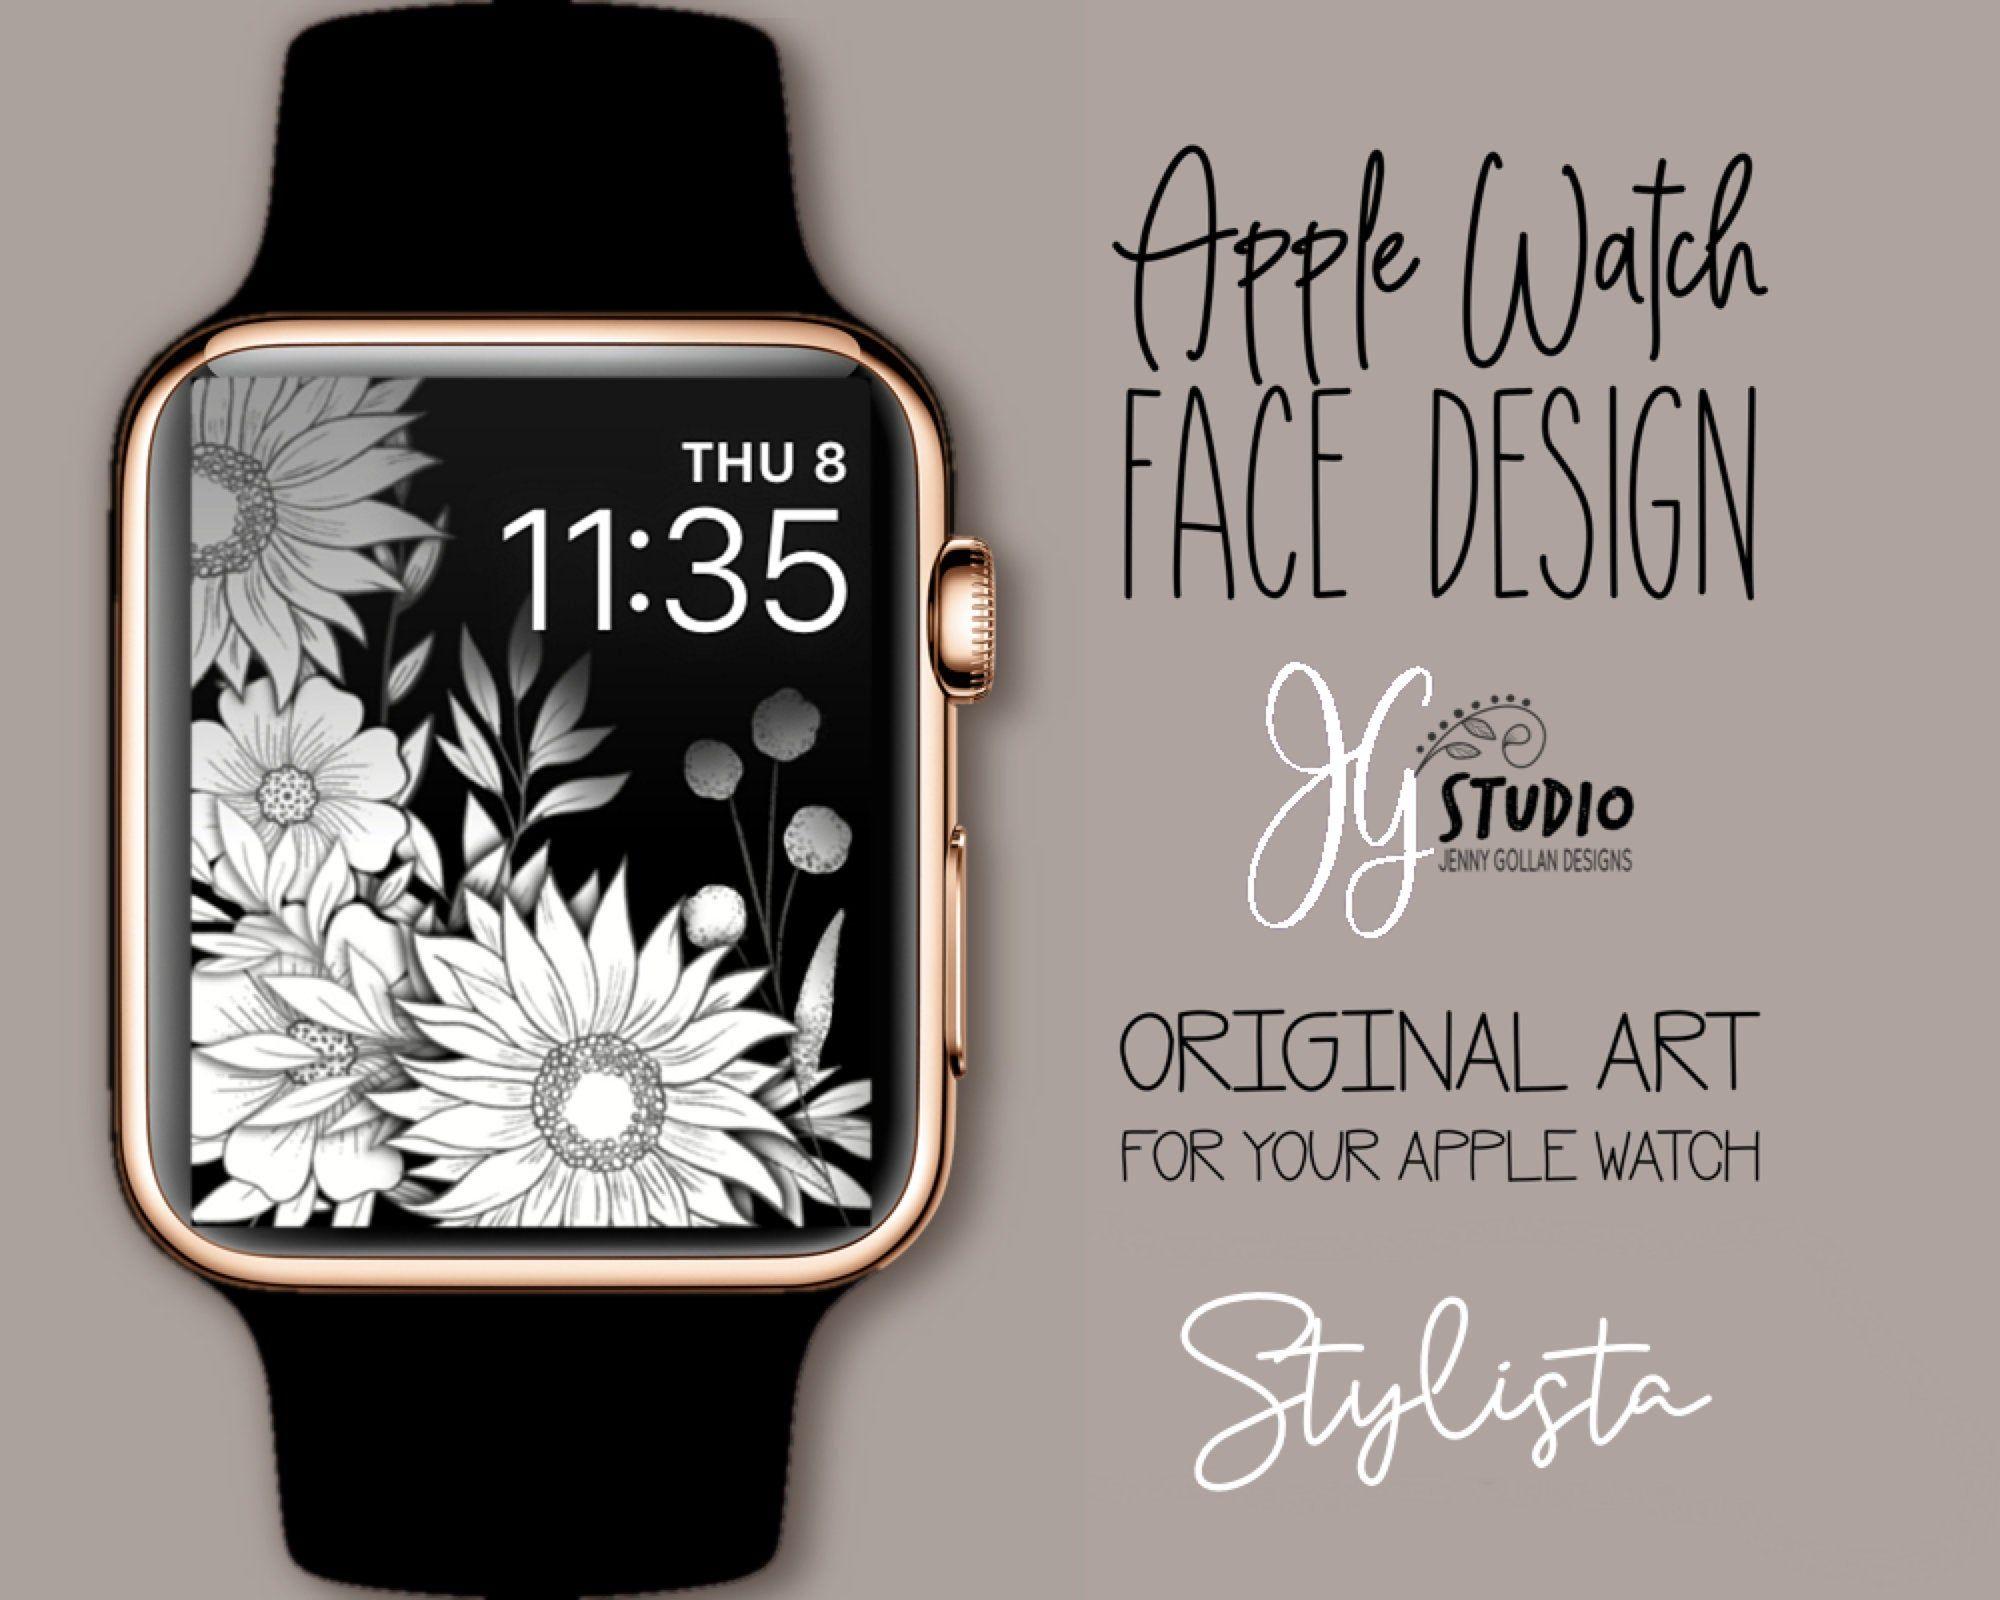 Apple Watch Wallpaper Stylista Apple Watch Faces Apple Watch Wallpaper Apple Watch Iwatch apple watch face wallpaper hd